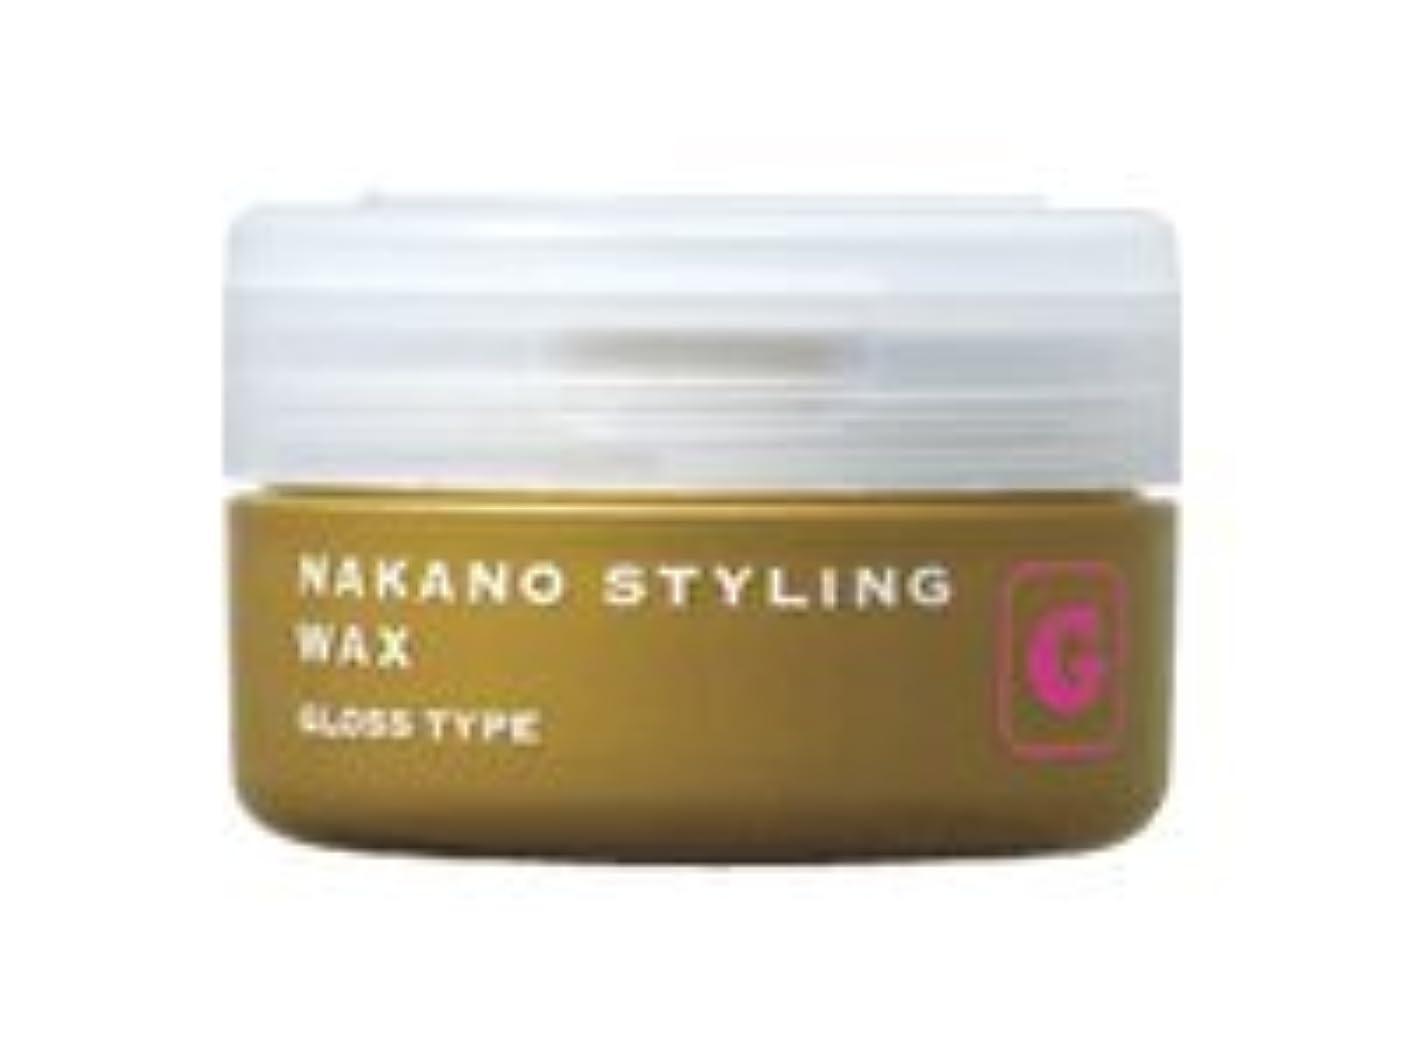 収まる凍ったいつナカノ スタイリングワックス G グロスタイプ 90g 中野製薬 NAKANO